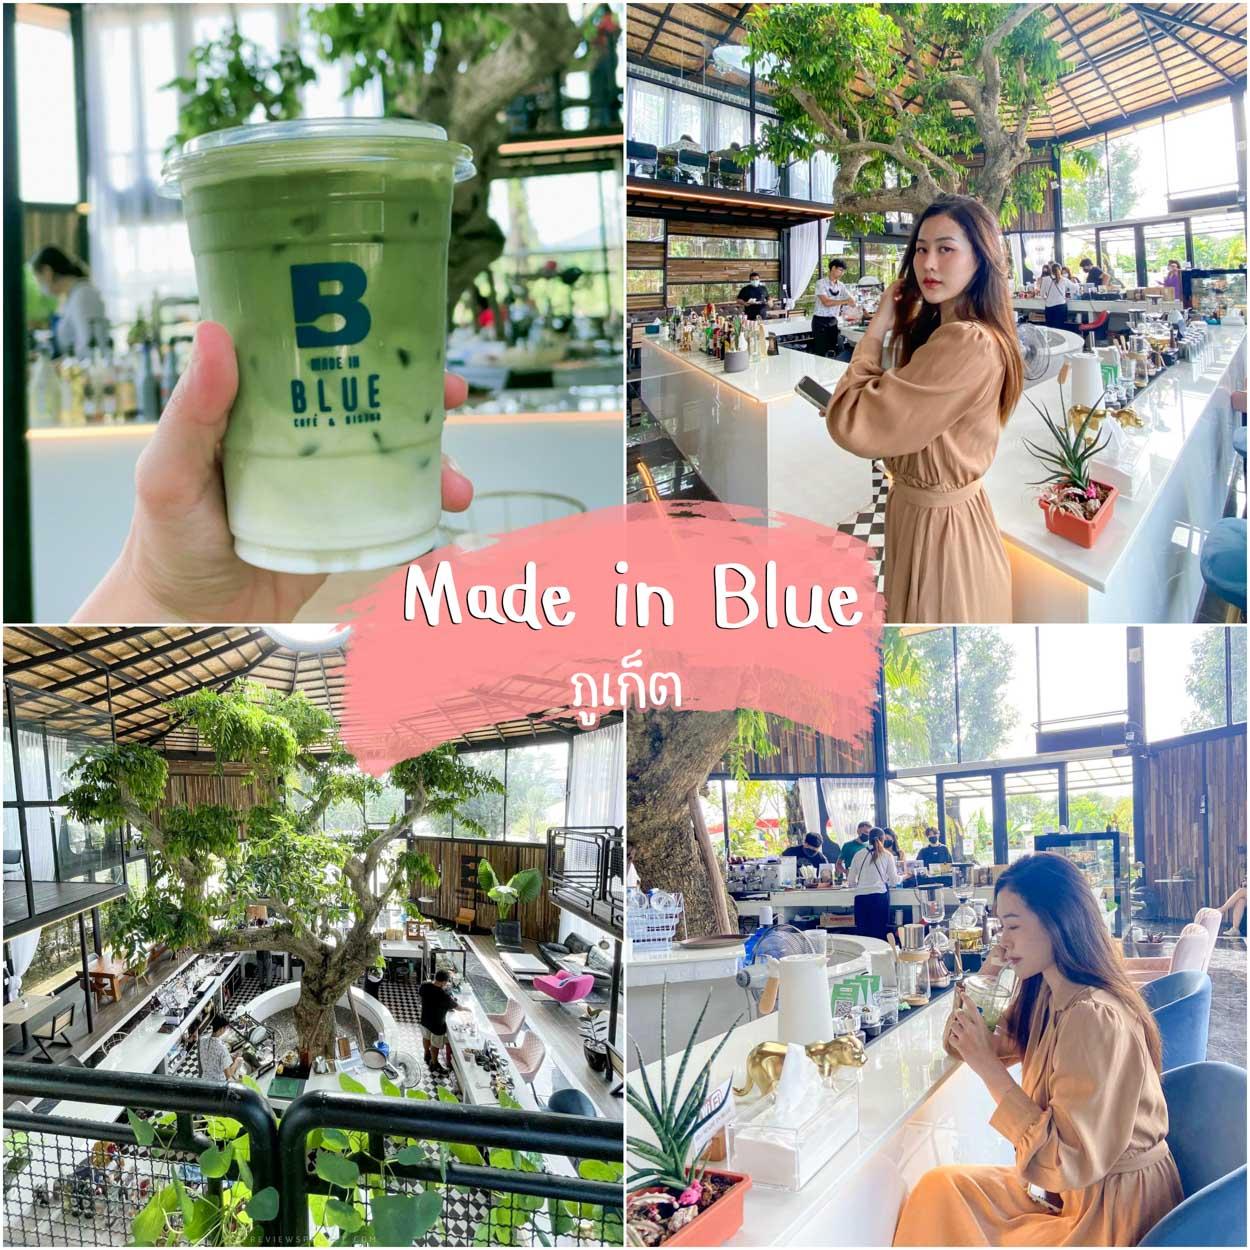 Made in blue Cafe คาเฟ่ภูเก็ต ต้นไม้ใหญ่กลางร้าน บอกเลยว่าเด็ดสุดๆไม่เหมือนที่ไหน